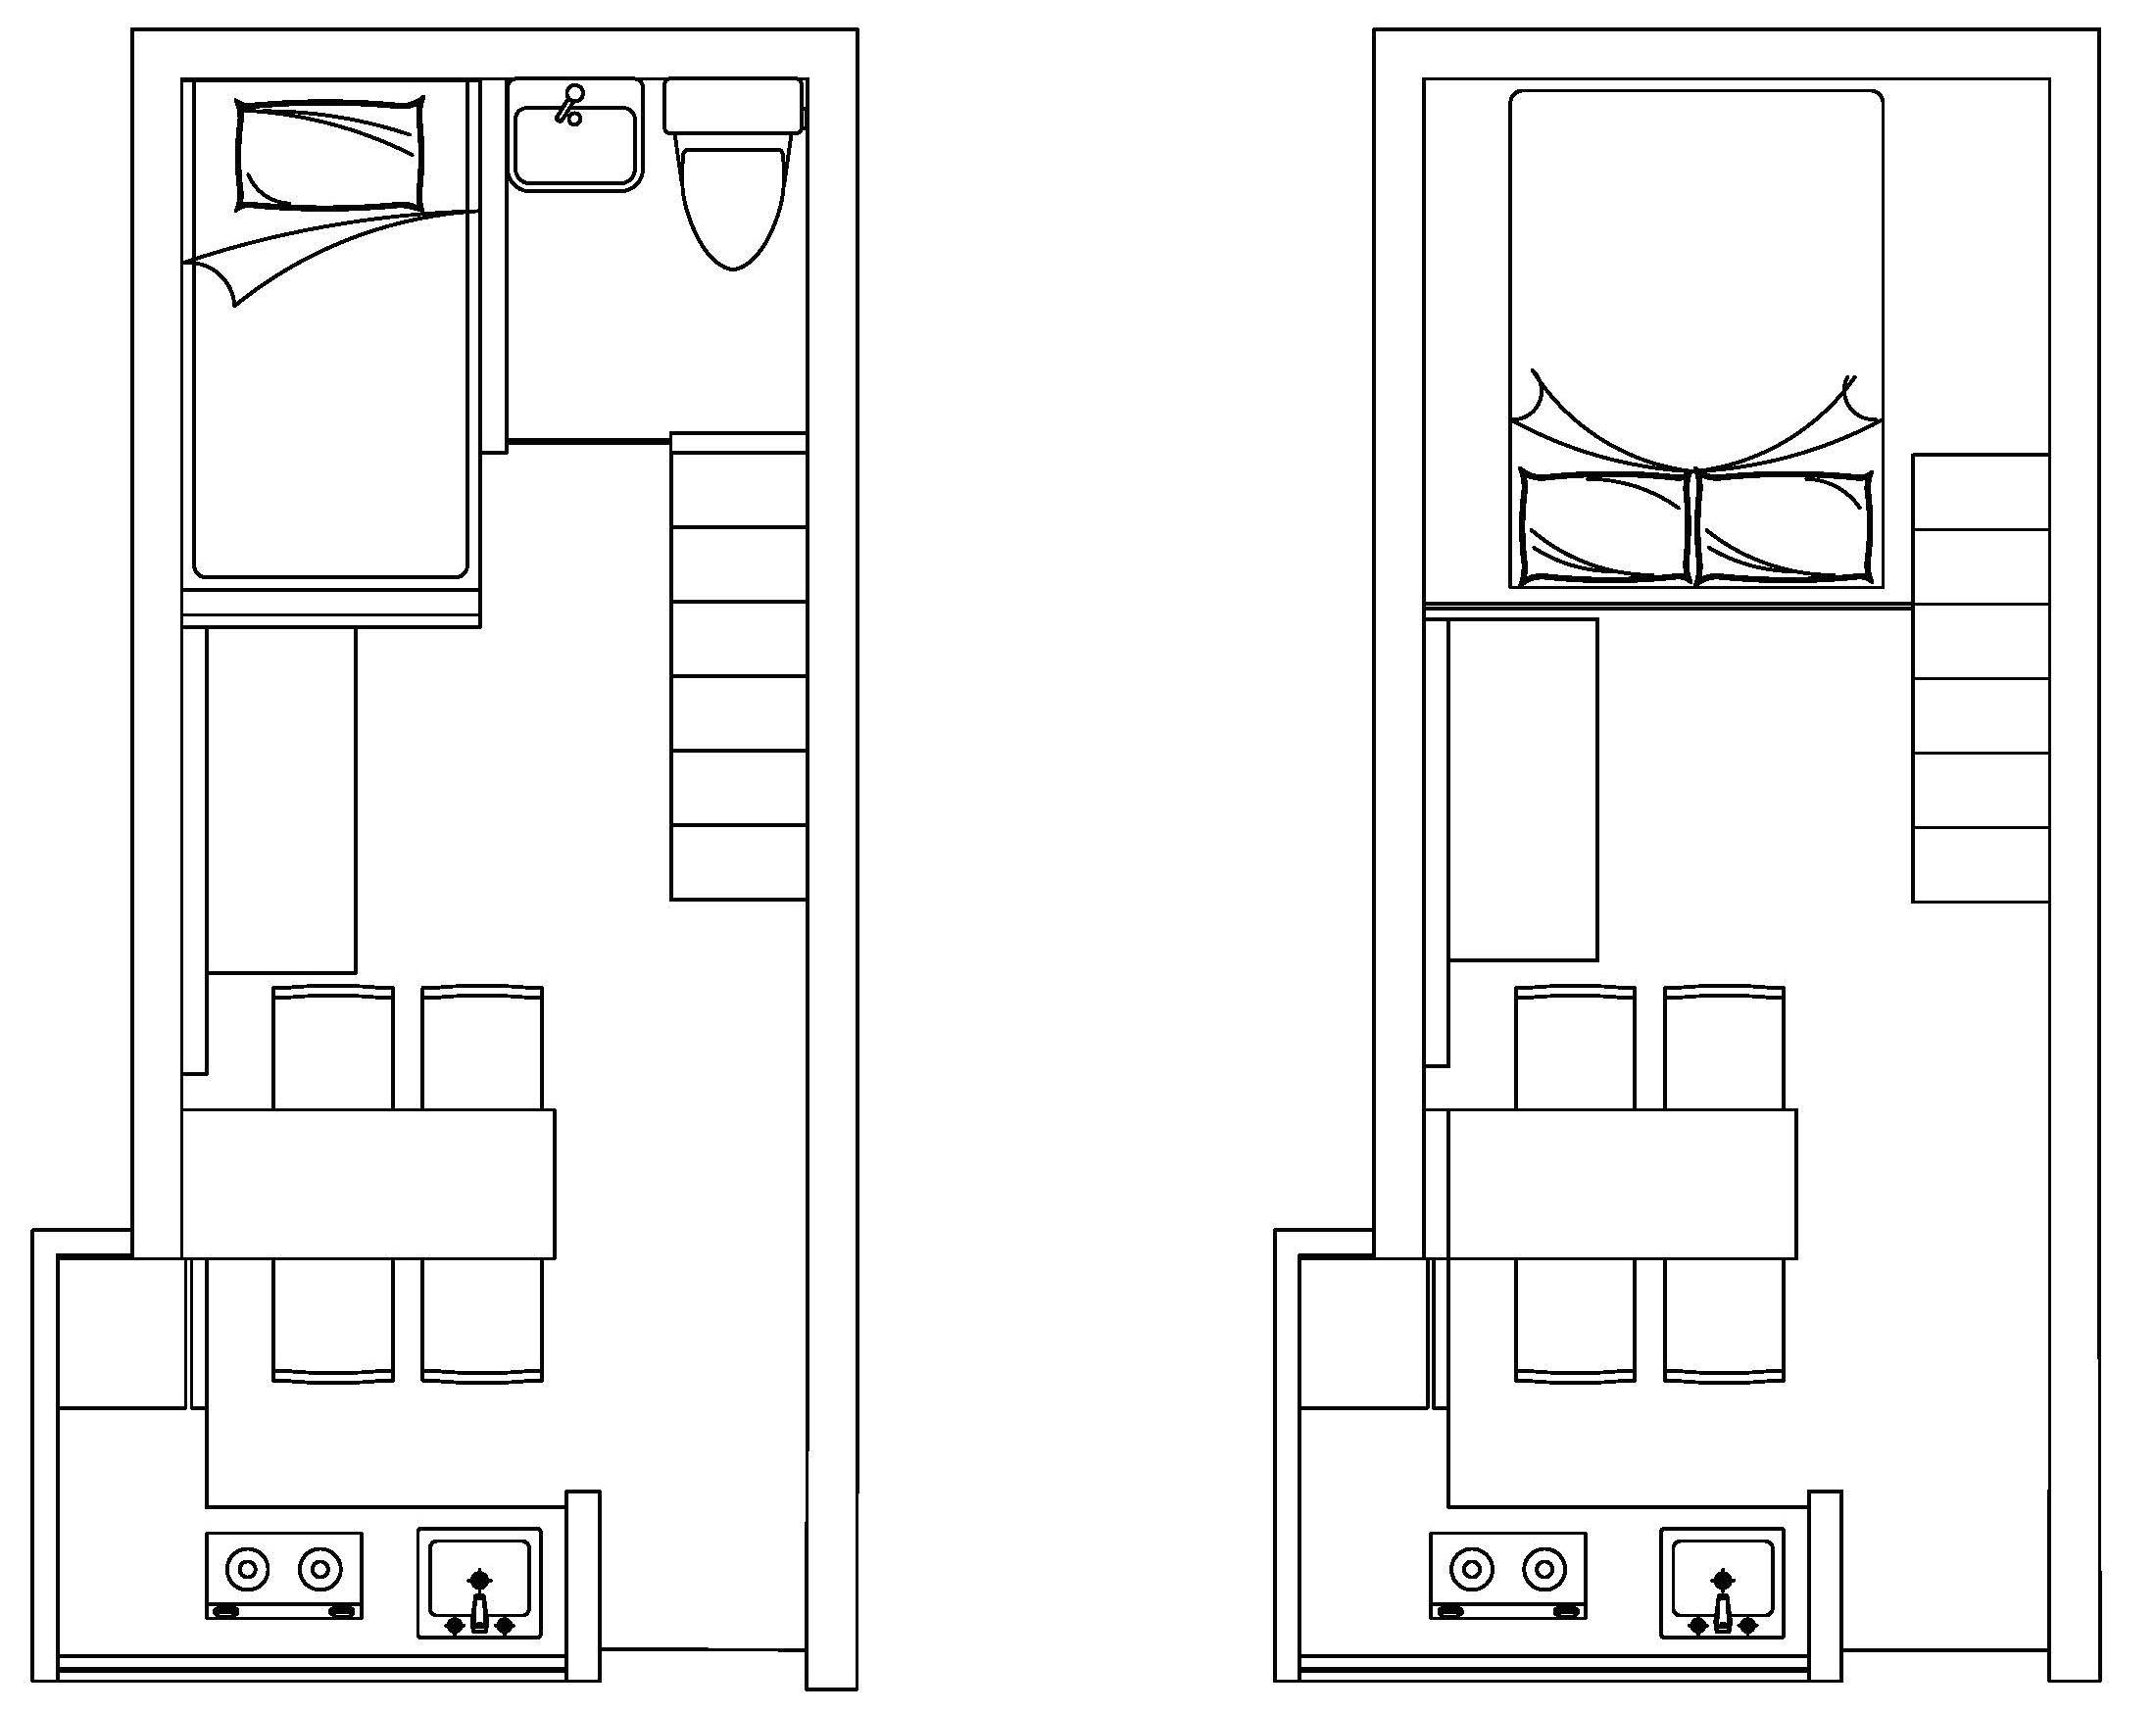 18-12sqm-dwelling-renovation